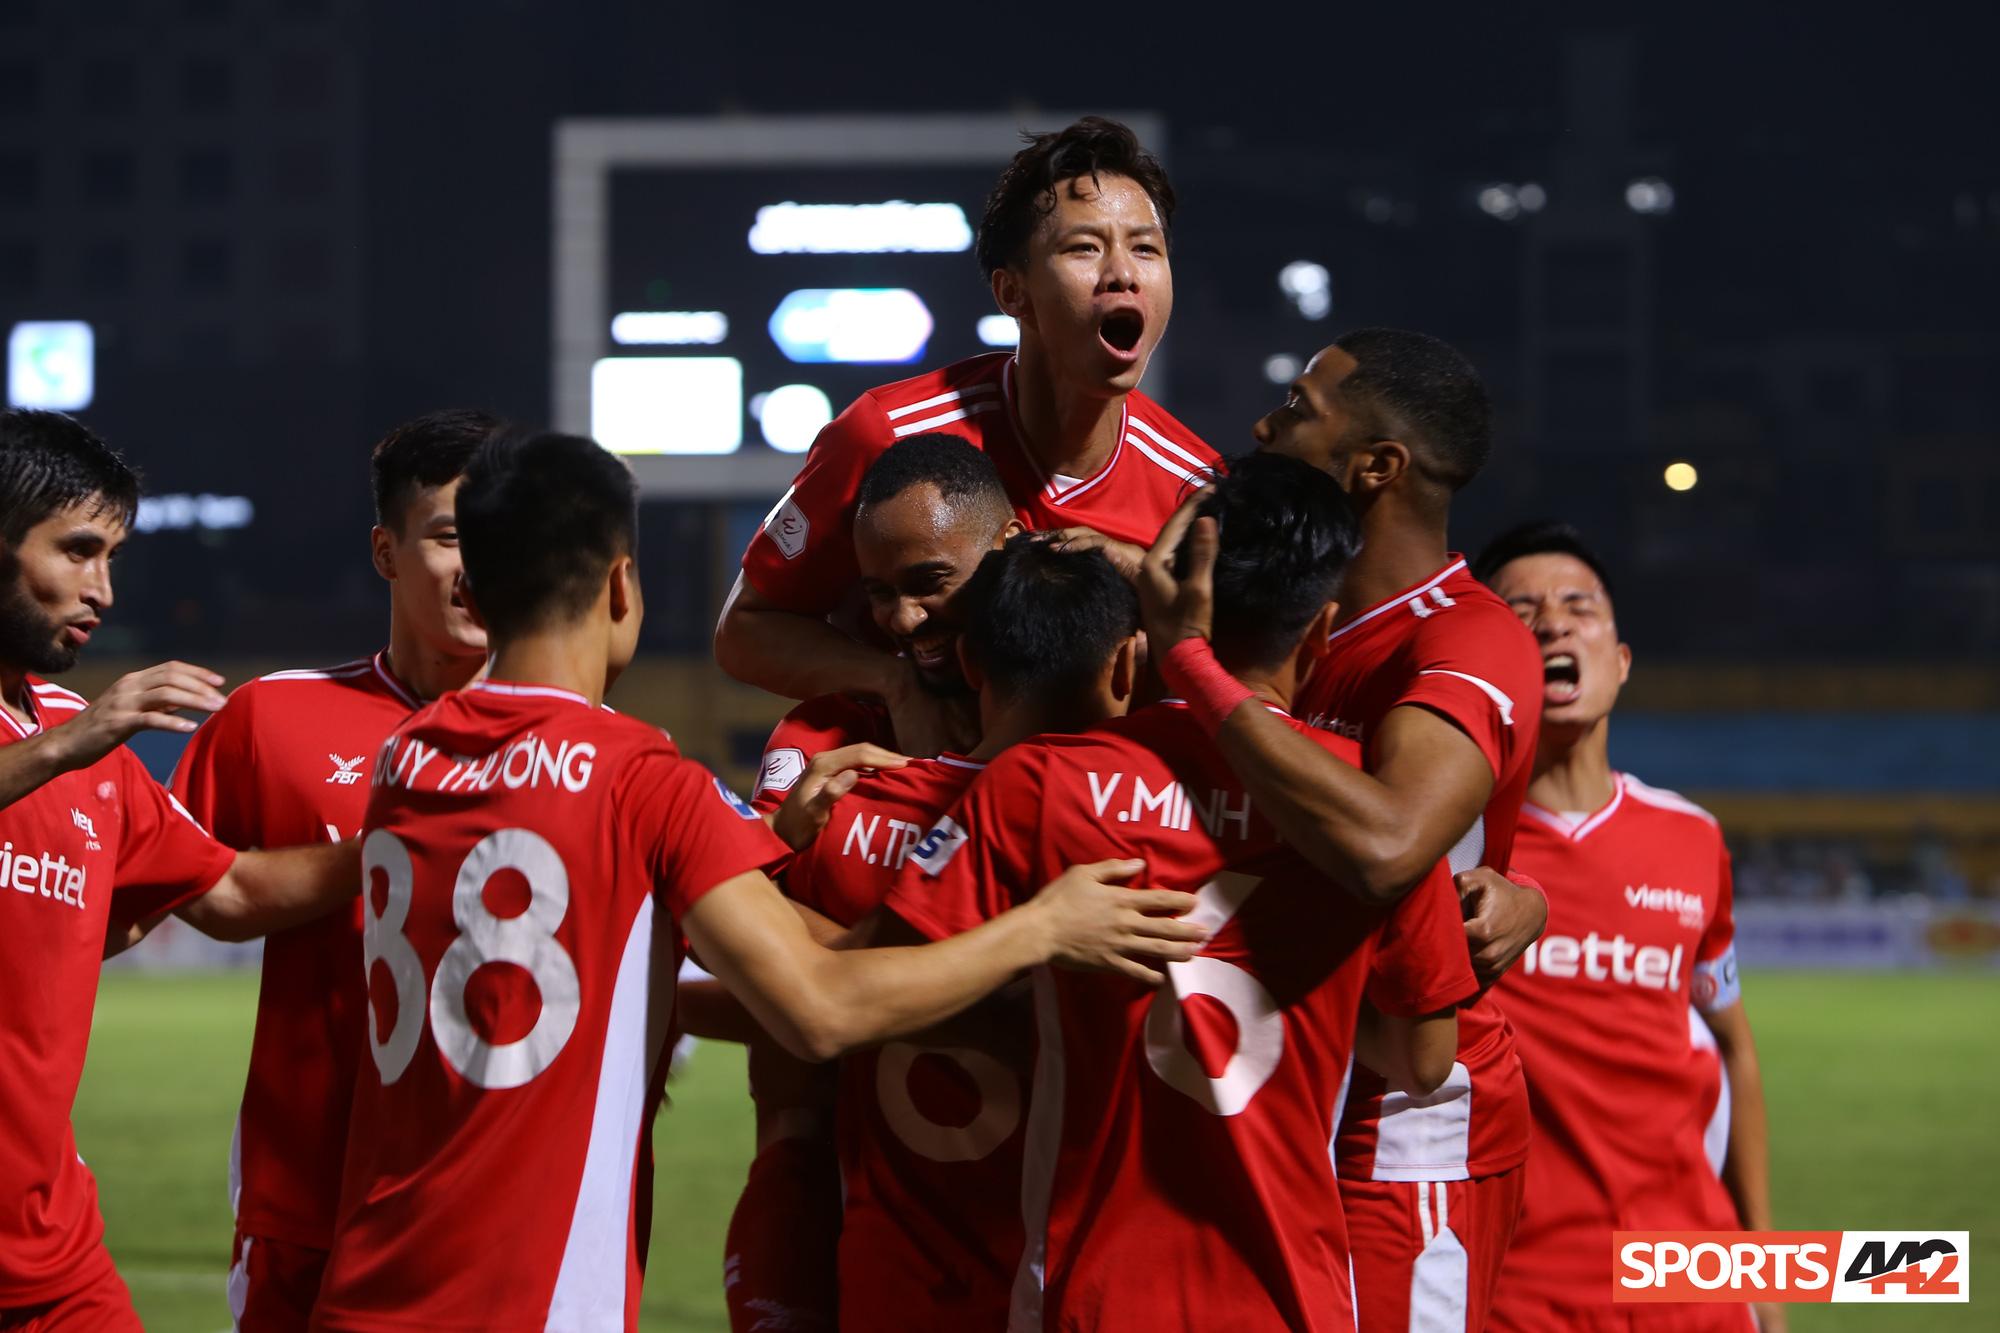 Hà Nội FC thua Viettel, bầu Hiển làm ngay 1 điều - Ảnh 6.